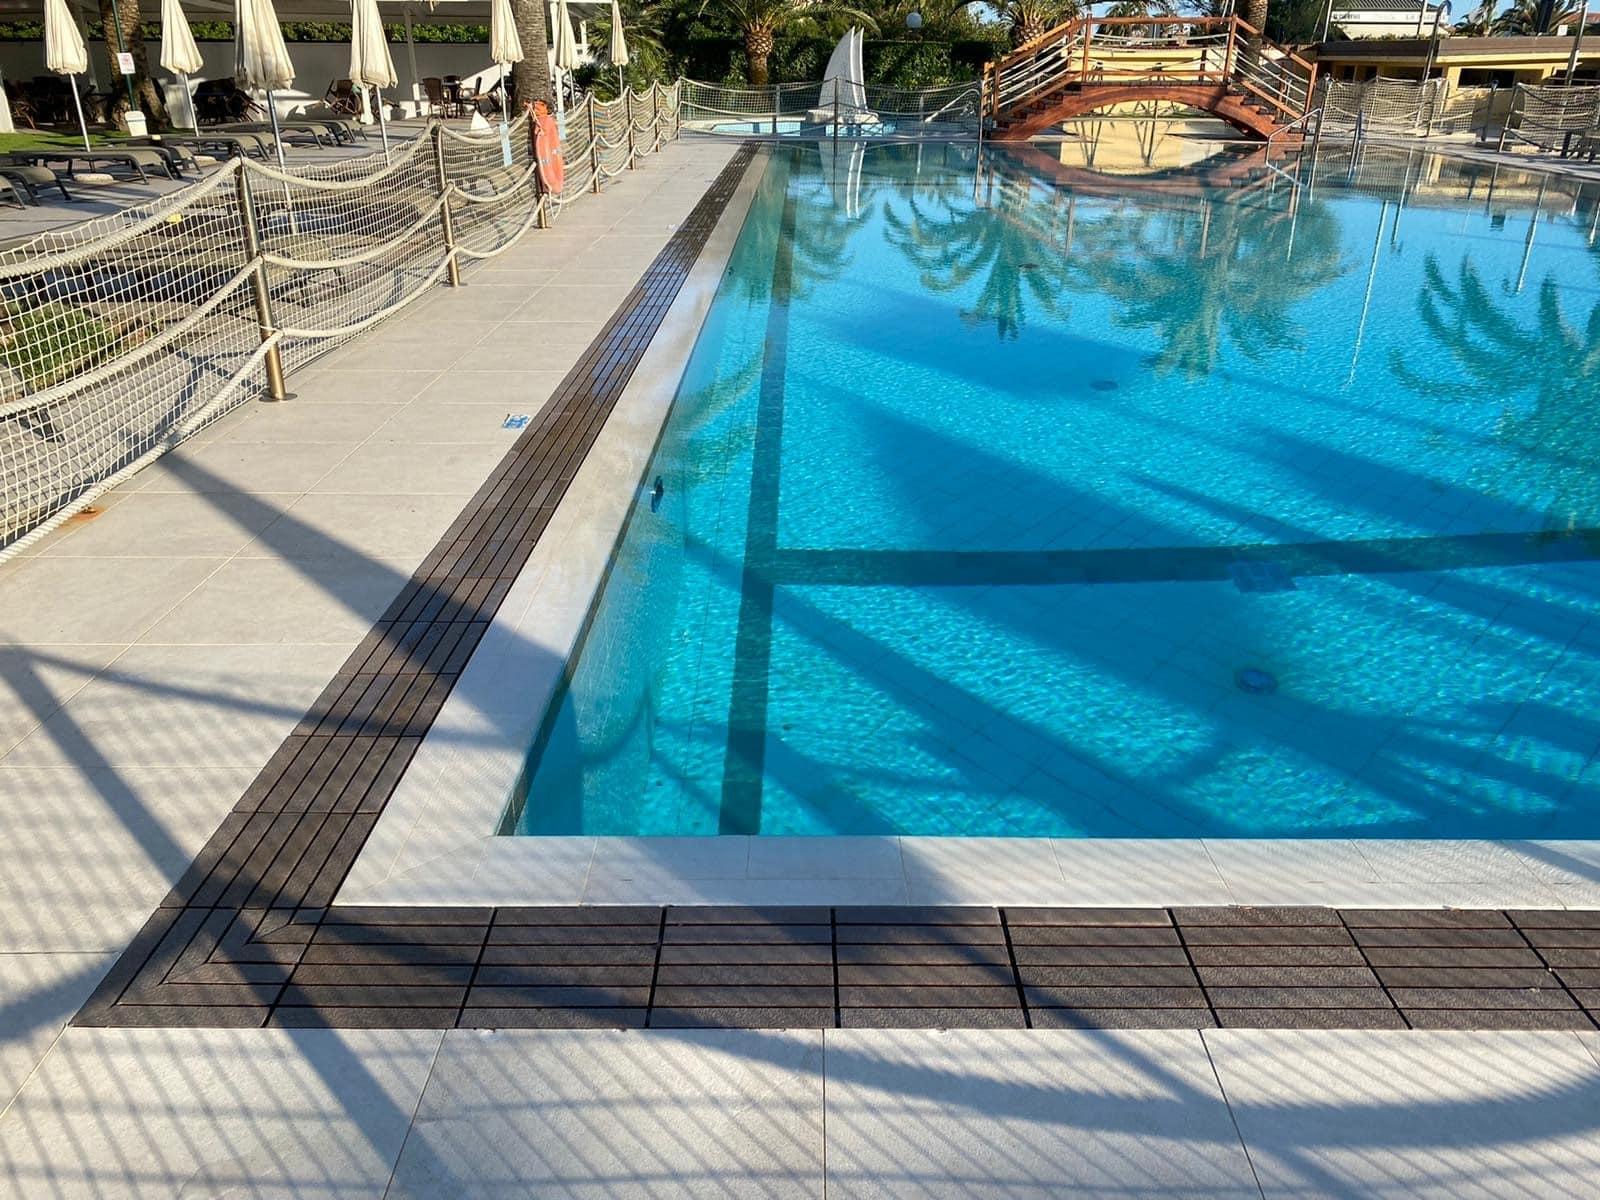 kratka przelewowa basenowa gresowa kamienna kolorowa basen infinity przelewowy płytka basenowa gresowa